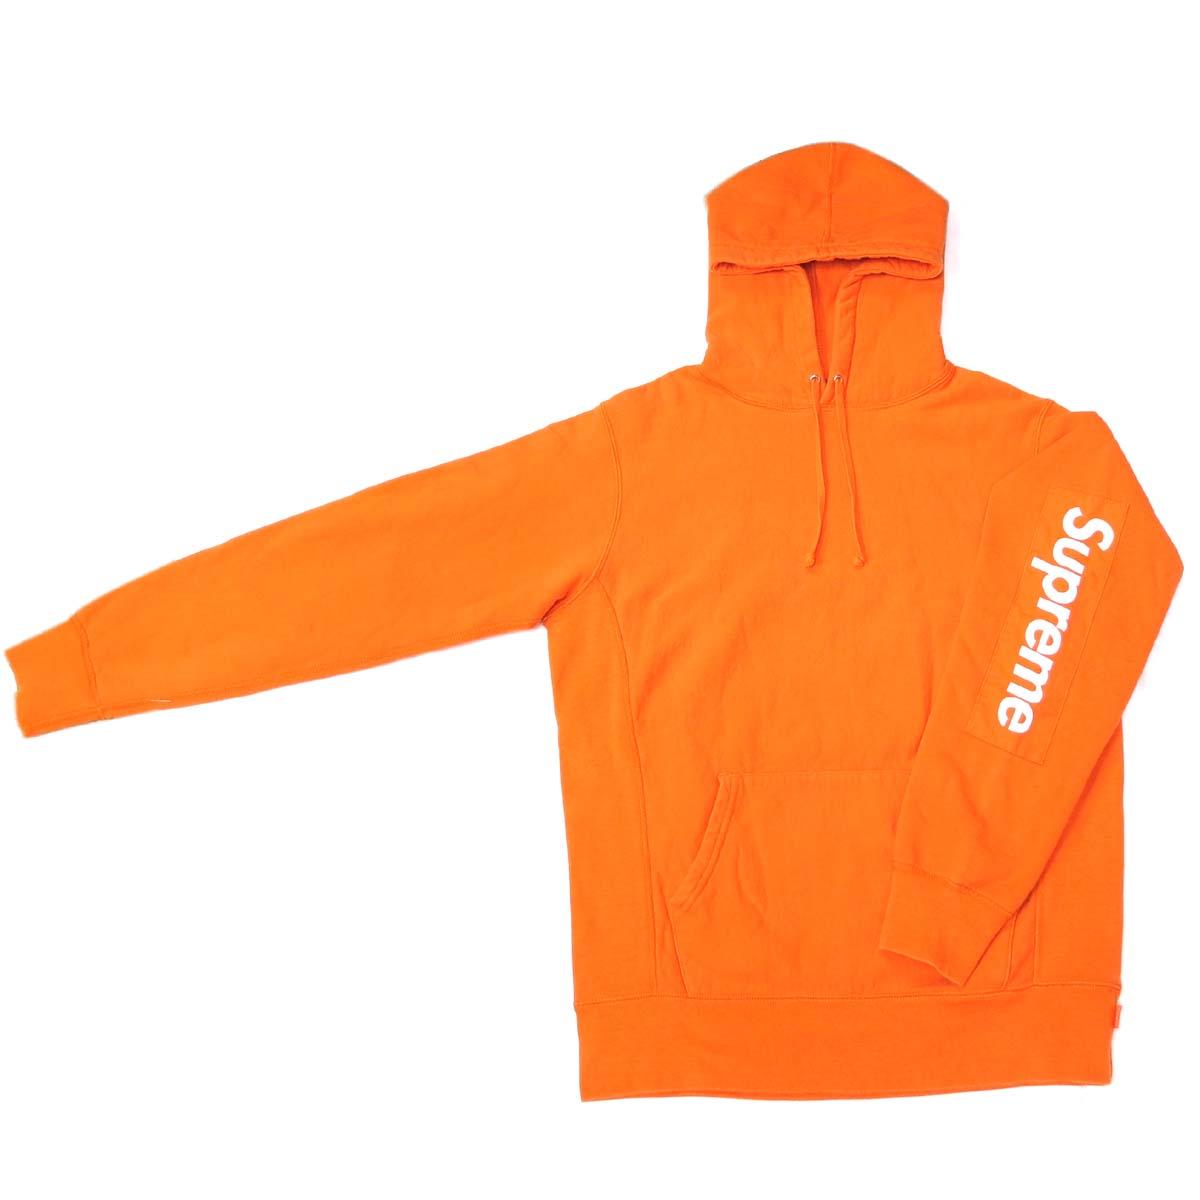 [飯能本店] Supreme シュプリーム パーカー 17ss Sleeve Patch Hooded パーカー 綿100% オレンジ ユニセックス DH50631【大黒屋質店出品】 【中古】【店頭受取対応商品】